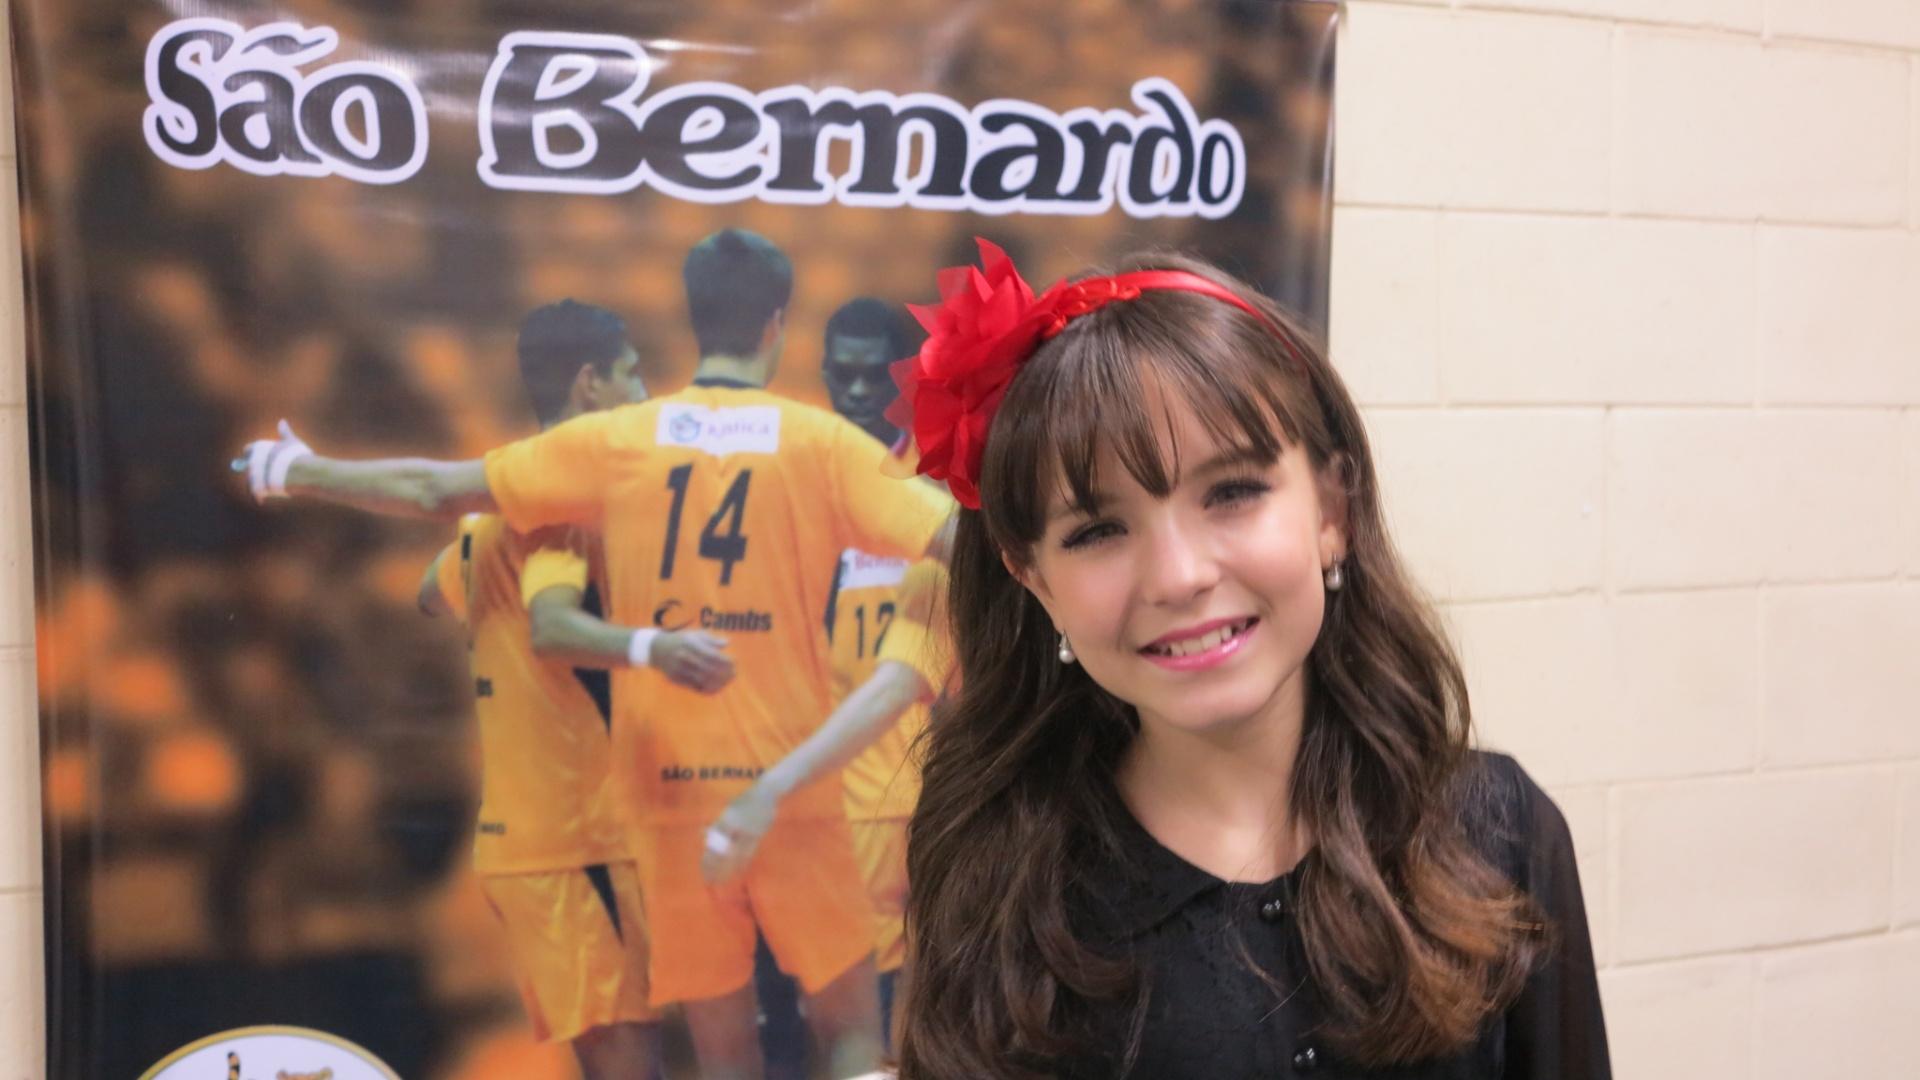 Pior da Superliga, São Bernardo faz marketing com estrela de  Carrossel  -  04 02 2013 - UOL Esporte abdaaf96f7